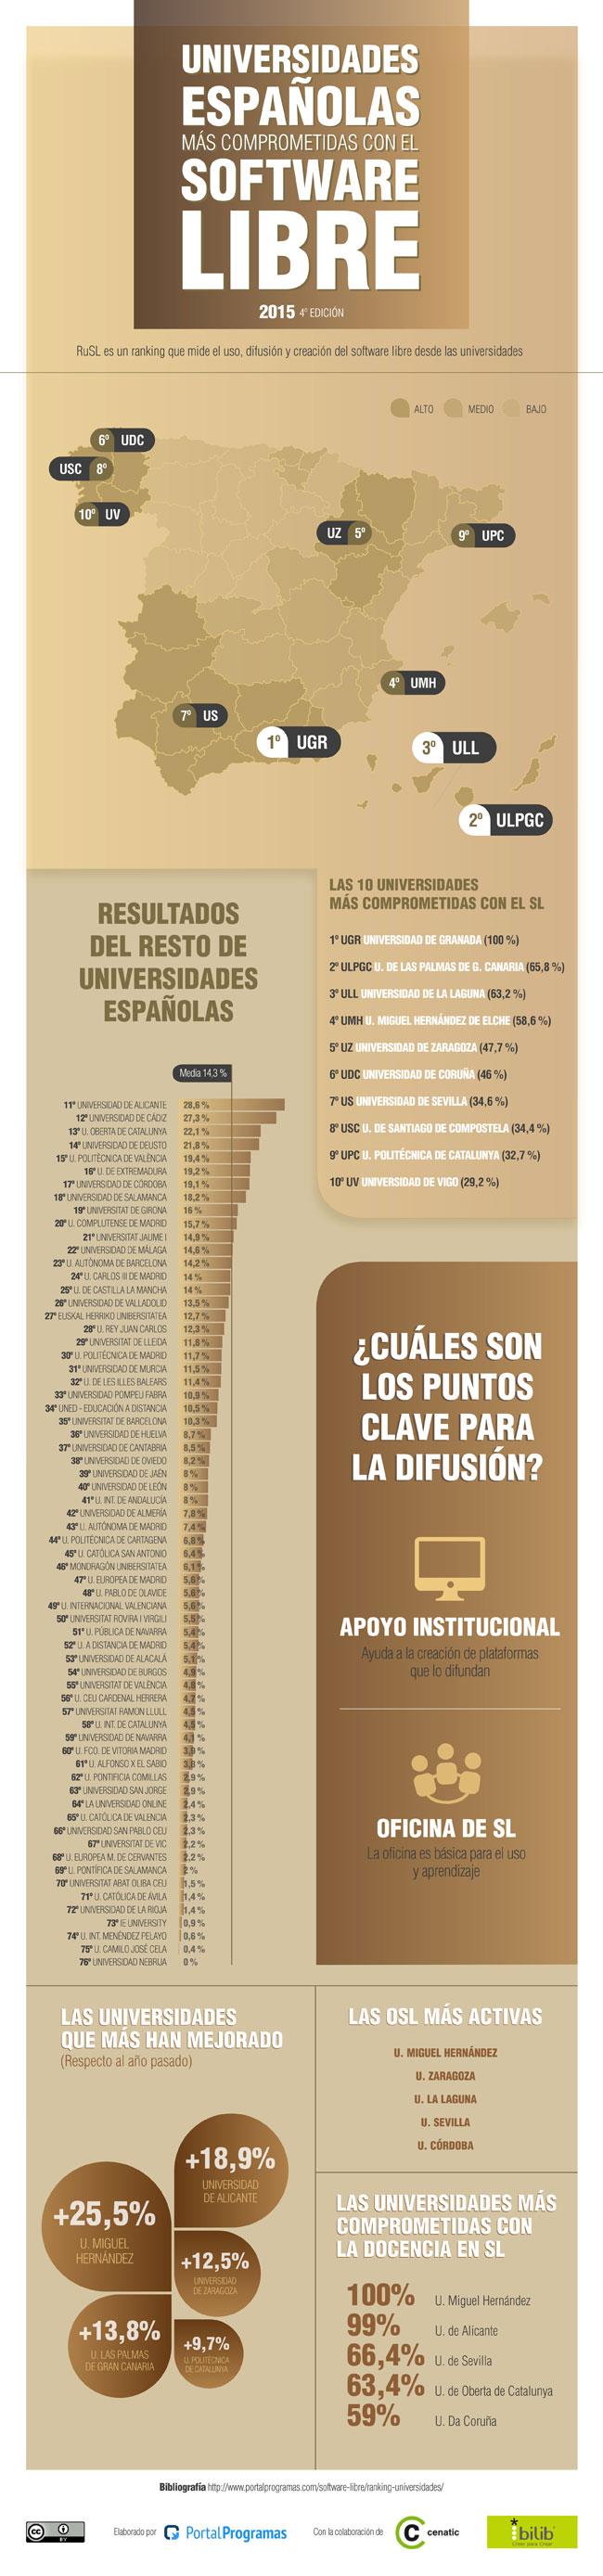 Mellores universidades españolas en software libre